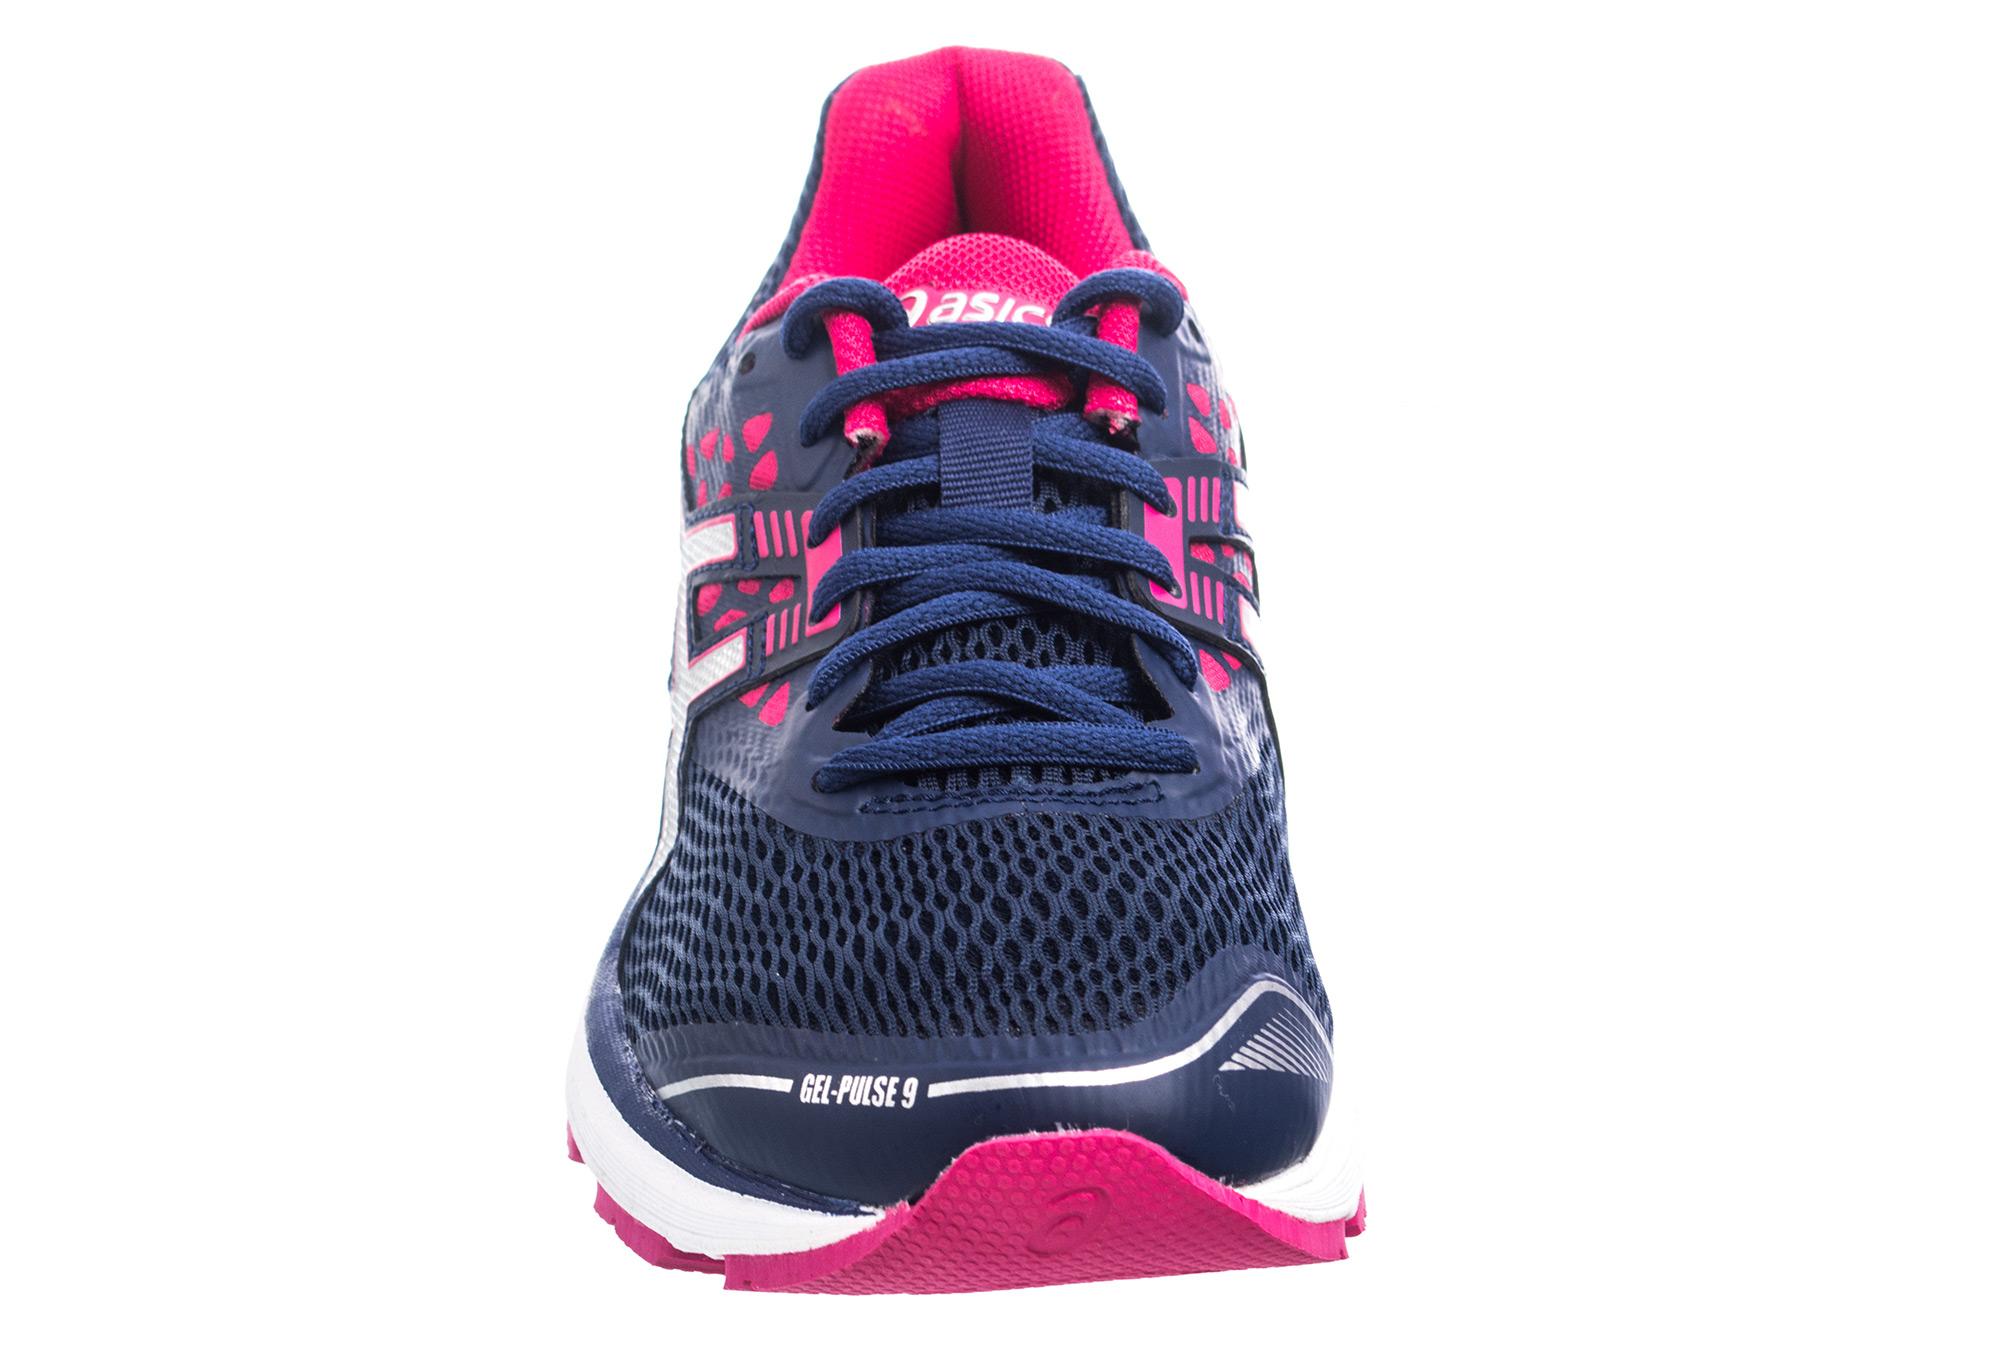 Asics Pulse Chaussures Running Gel 9 Violet Femme UGzMpqSV